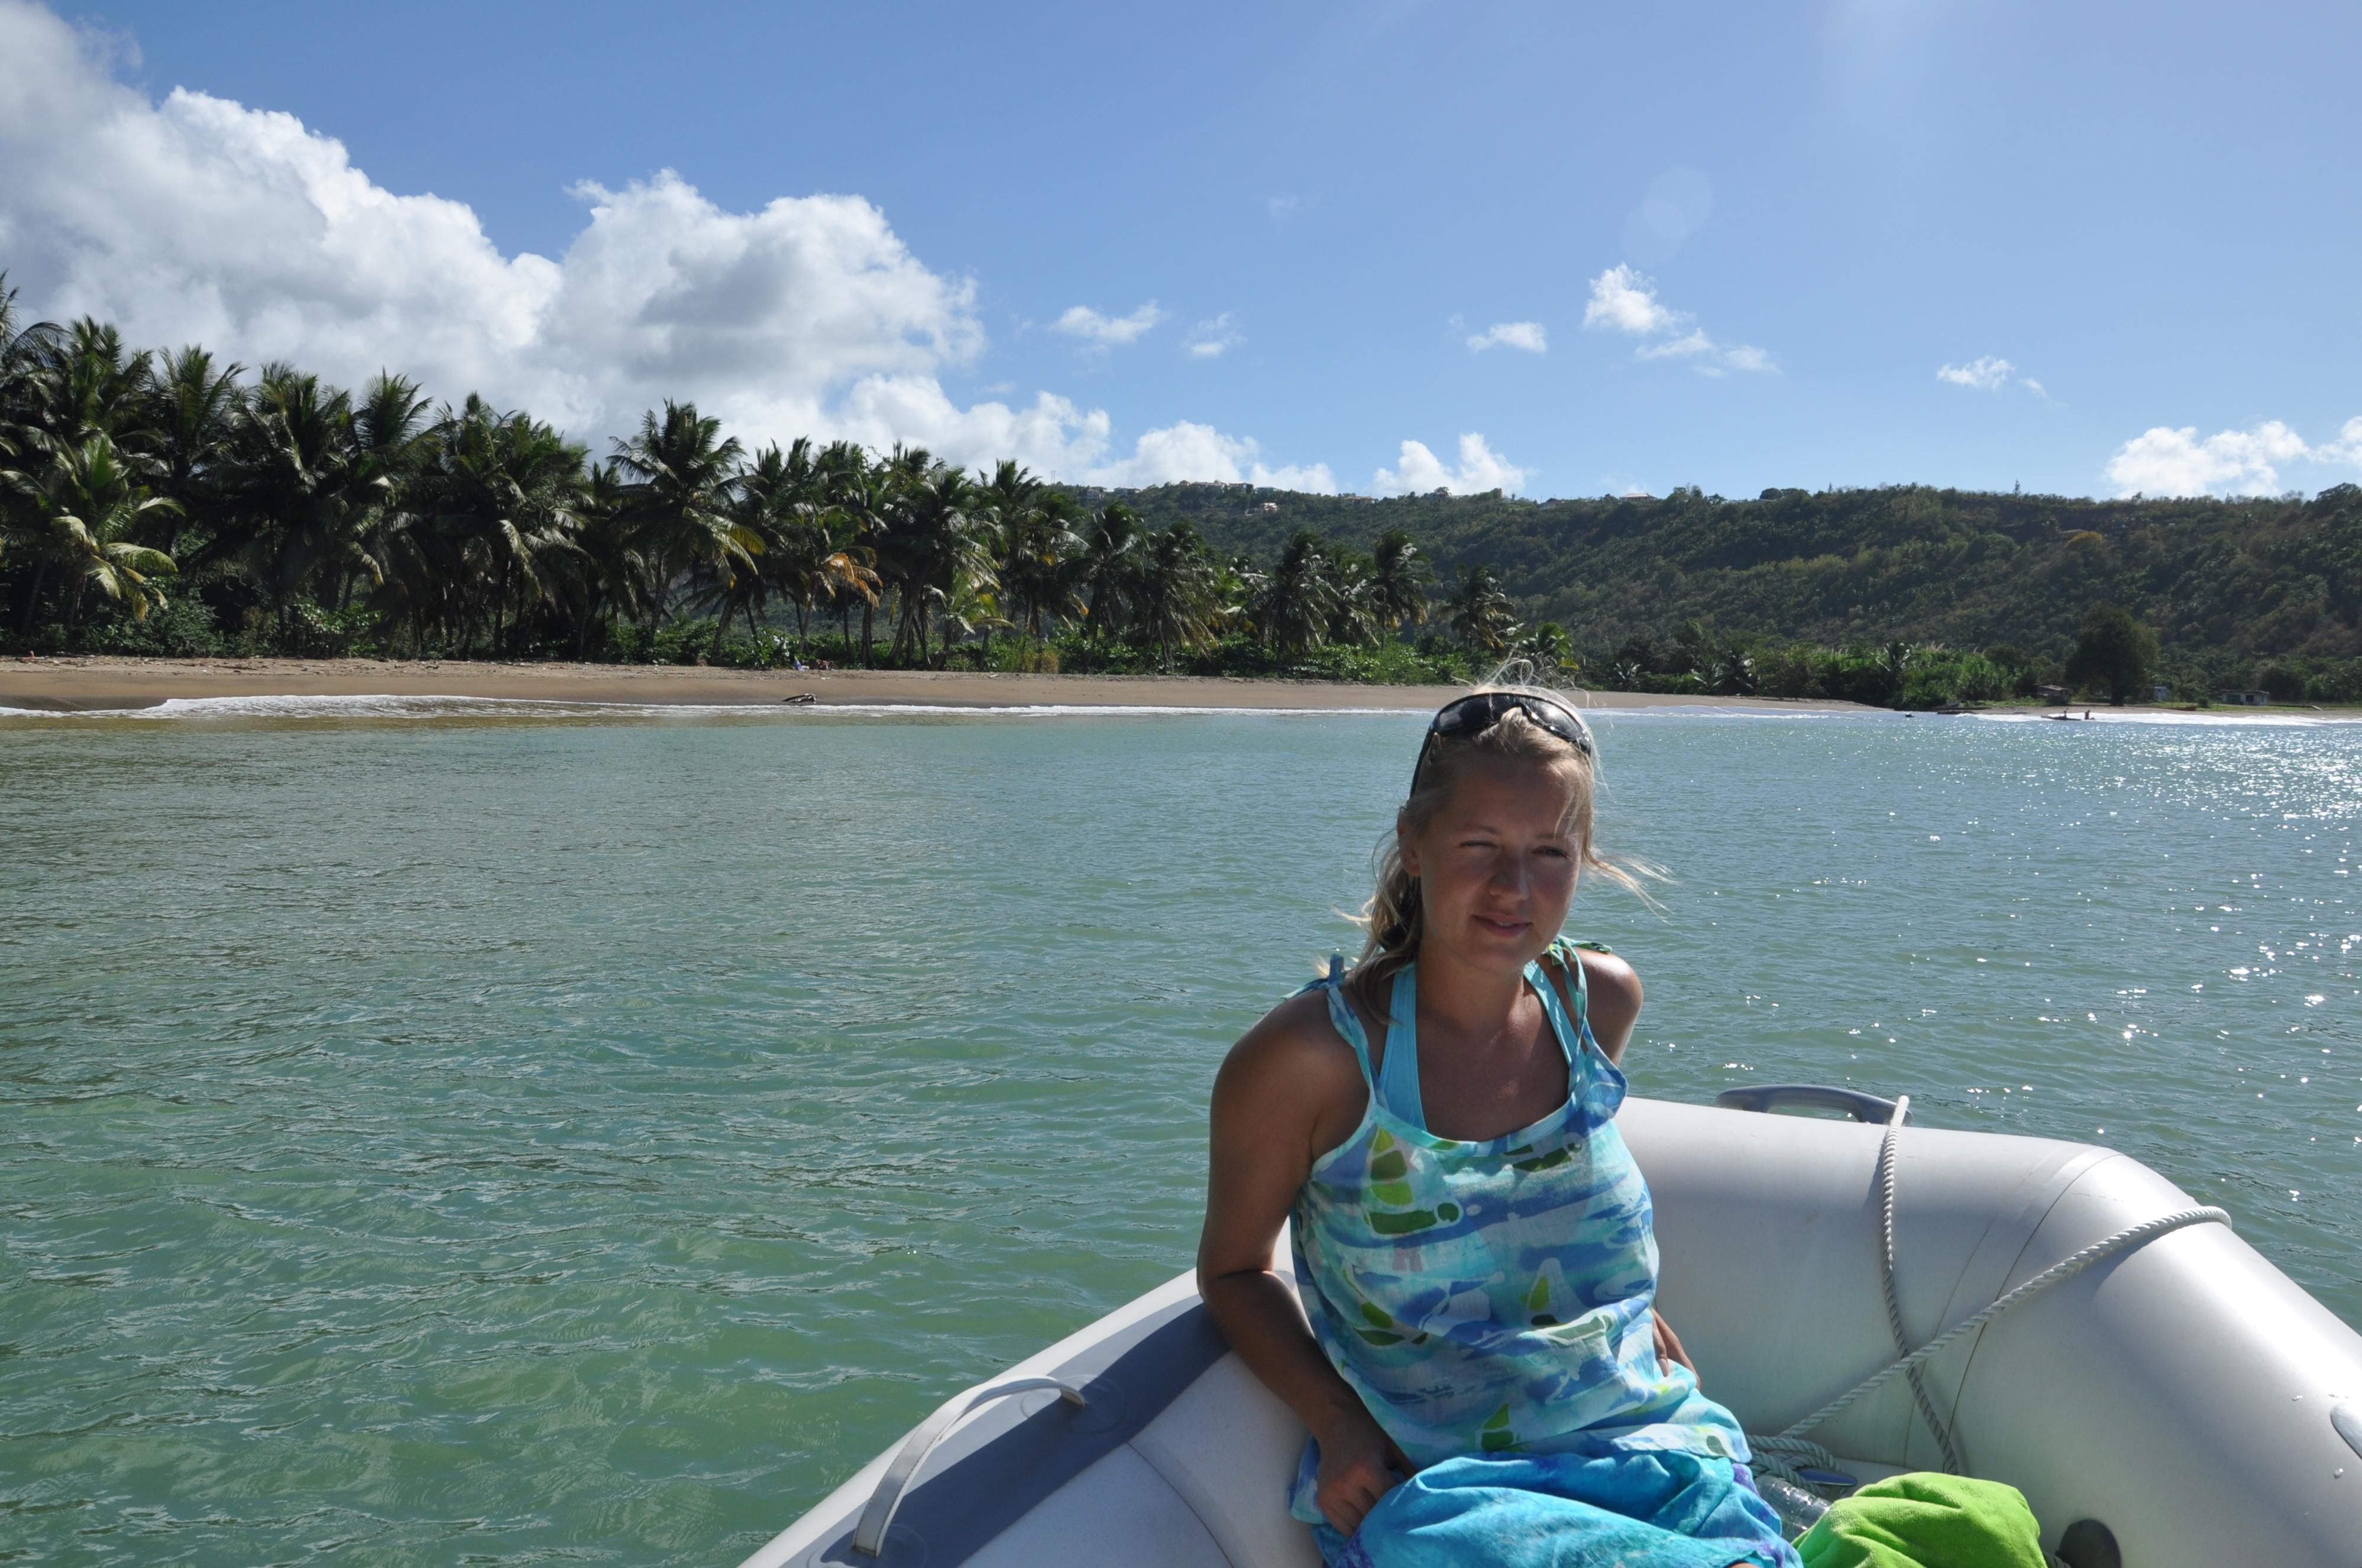 pontonem w okolicach Marigot Bay (14.01)